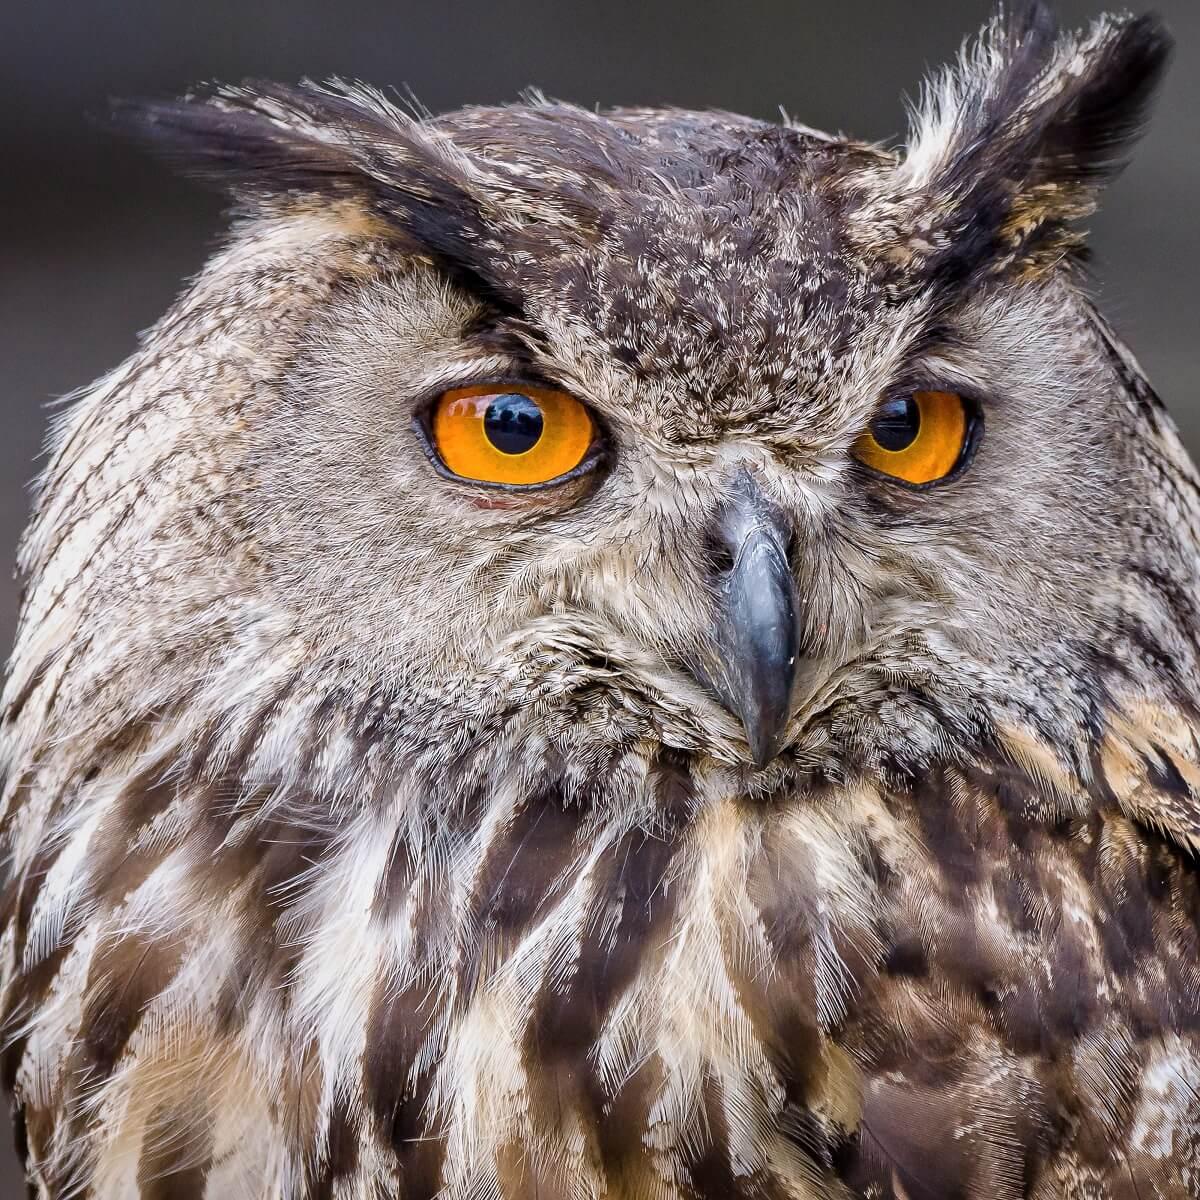 黄色い目をしたフクロウの写真。